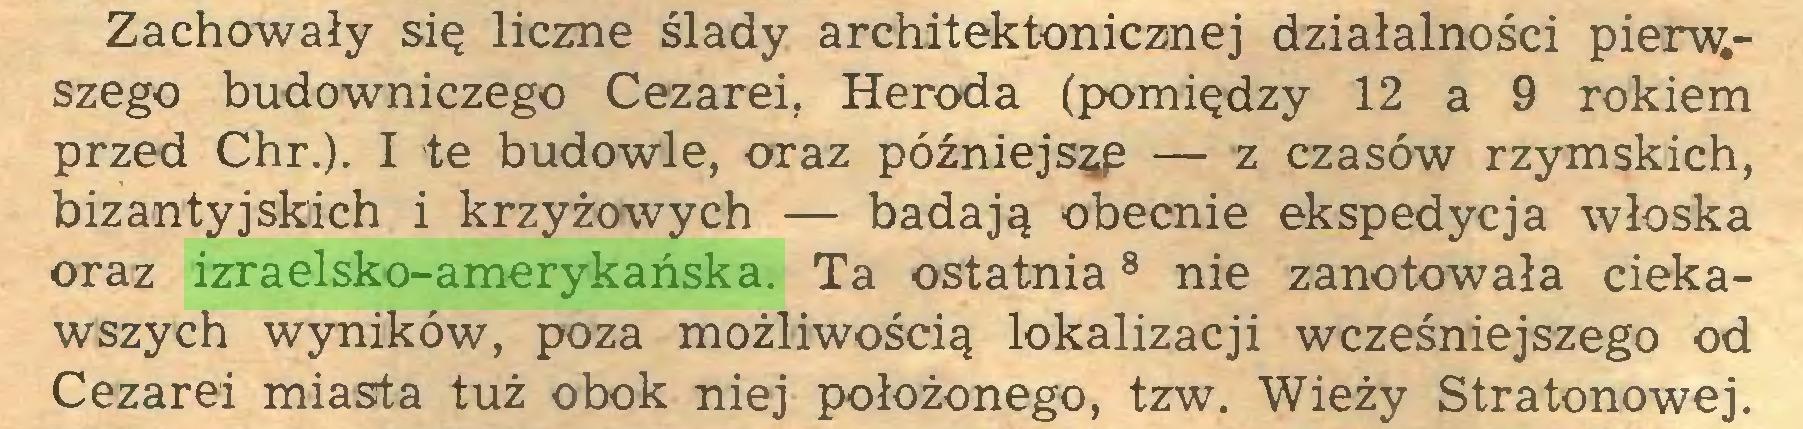 (...) Zachowały się liczne ślady architektonicznej działalności pierw.szego budowniczego Cezarei. Heroda (pomiędzy 12 a 9 rokiem przed Chr.). I te budowle, oraz późniejsze — z czasów rzymskich, bizantyjskich i krzyżowych — badają obecnie ekspedycja włoska oraz izraelsko-amerykańska. Ta ostatnia8 nie zanotowała ciekawszych wyników, poza możliwością lokalizacji wcześniejszego od Cezarei miasta tuż obok niej położonego, tzw. Wieży Stratonowej...